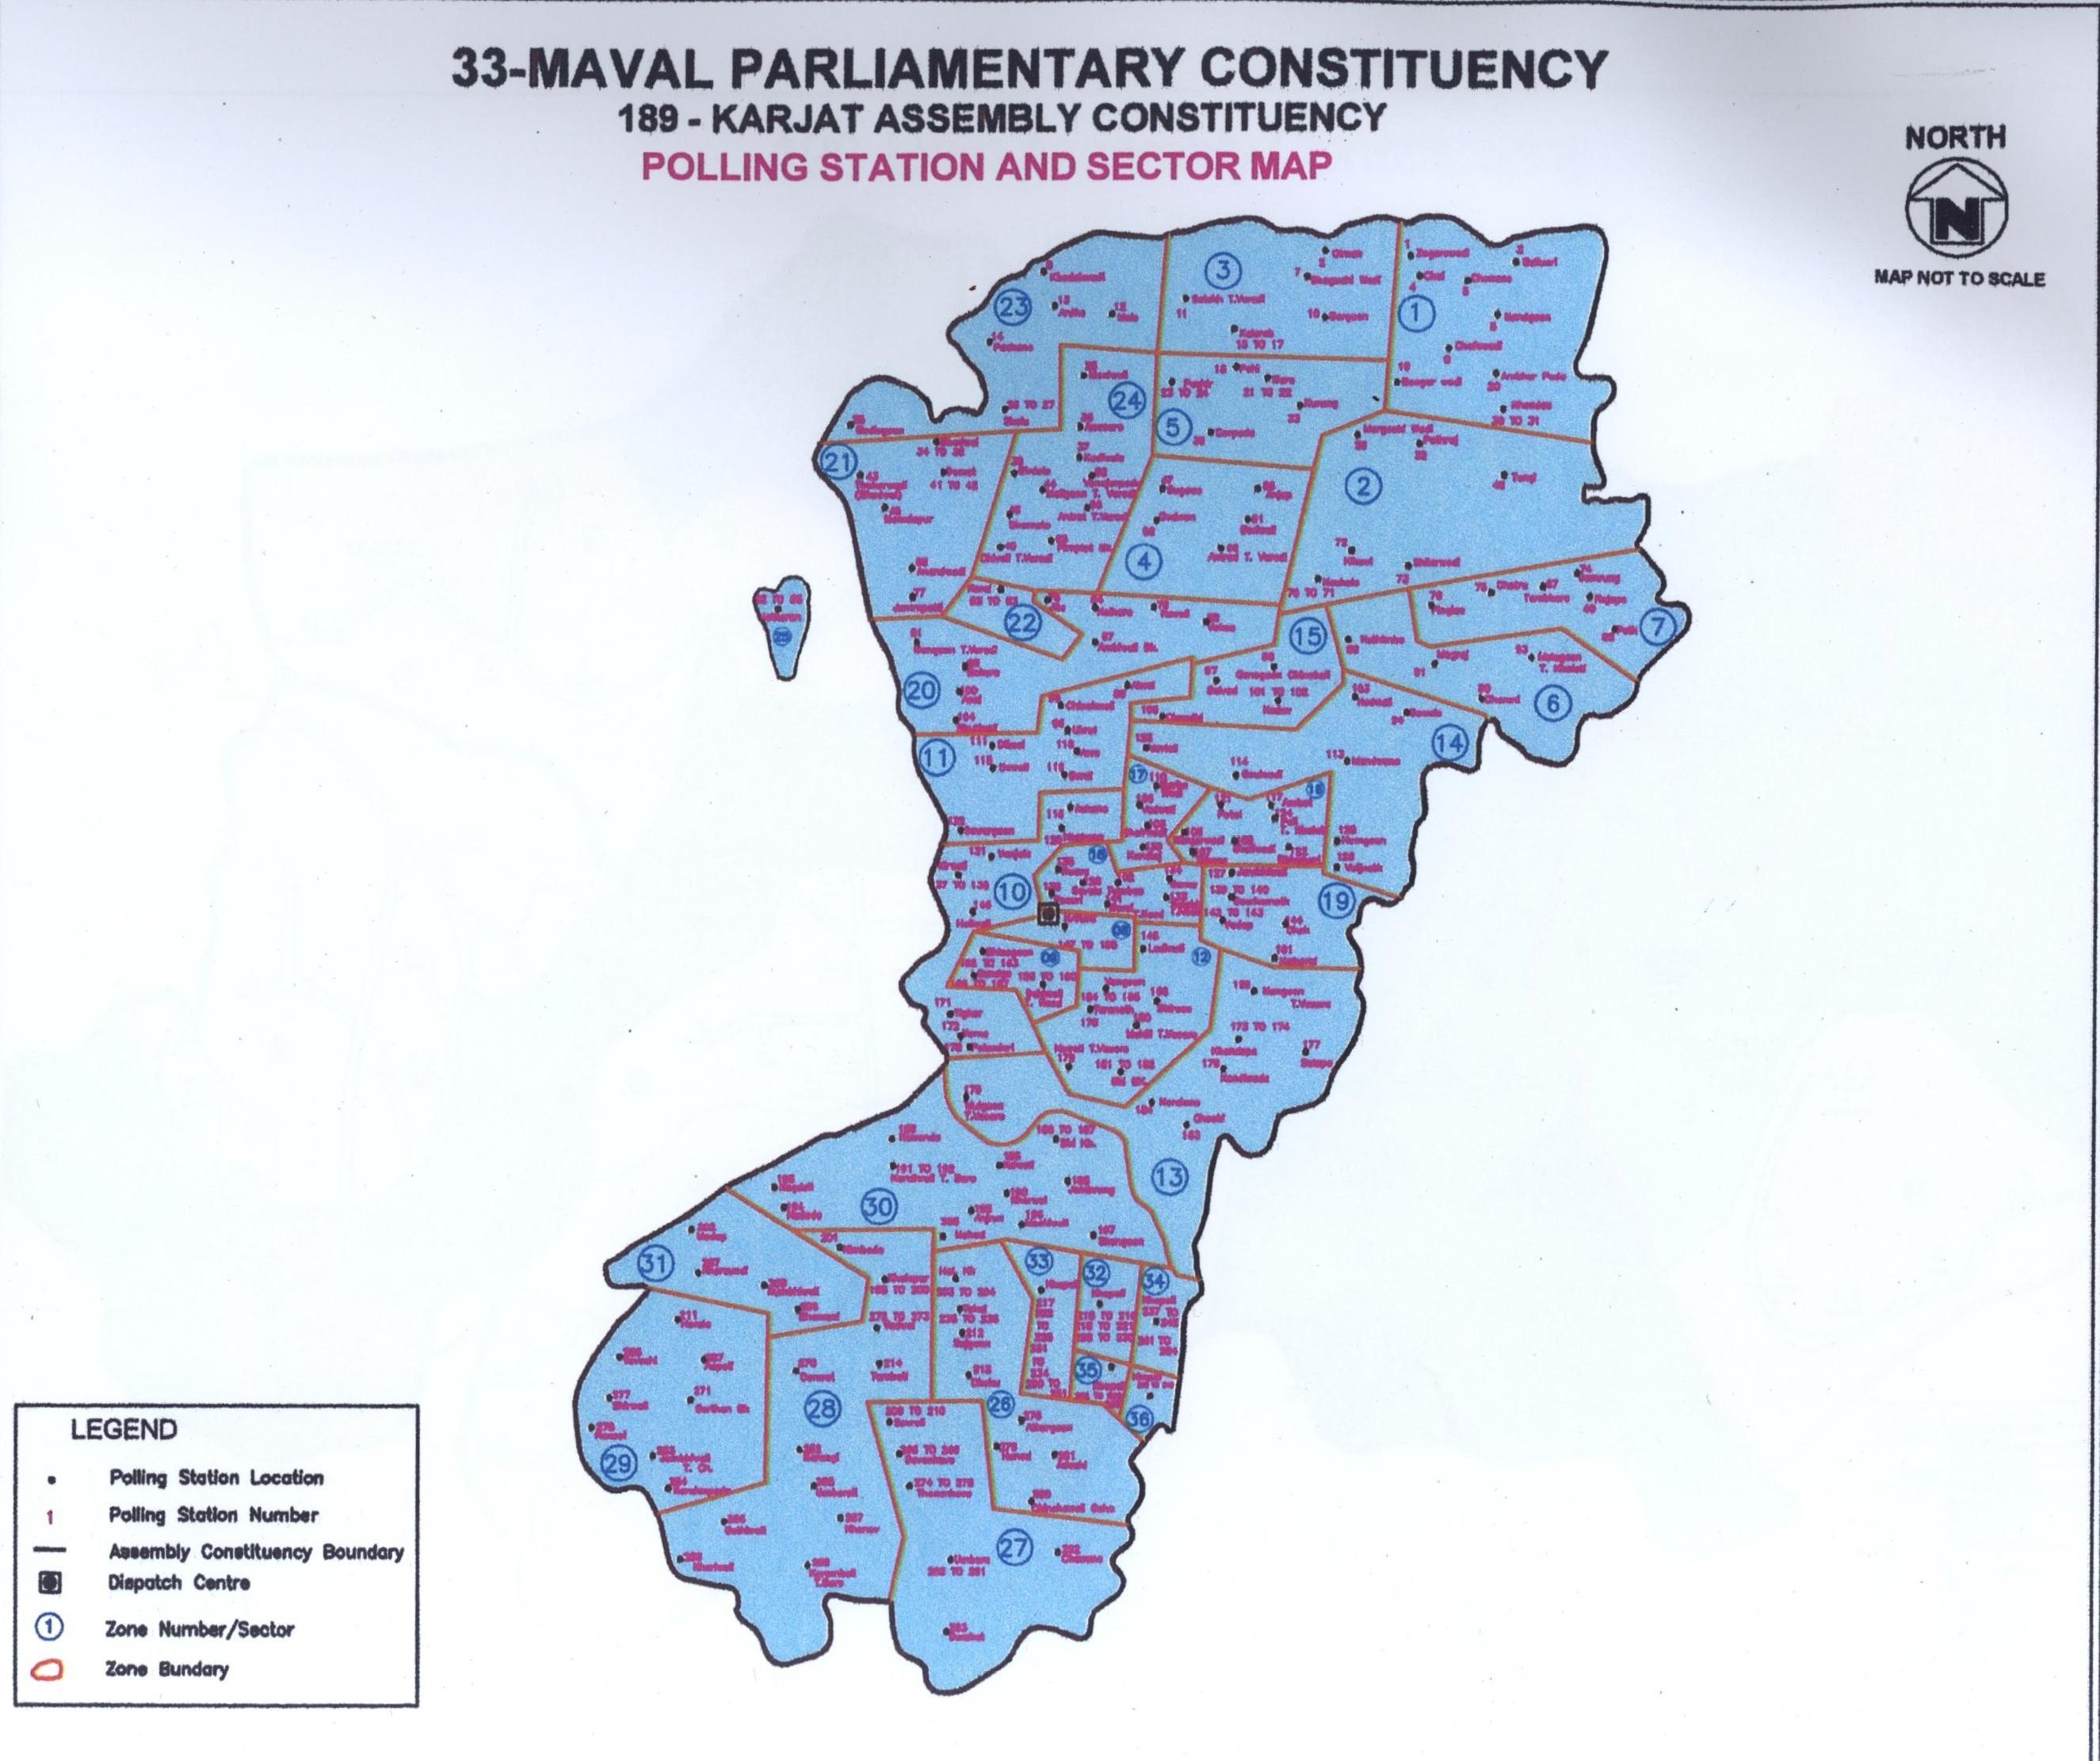 मावळ लोकसभा मतदार संघाचा नकाशा